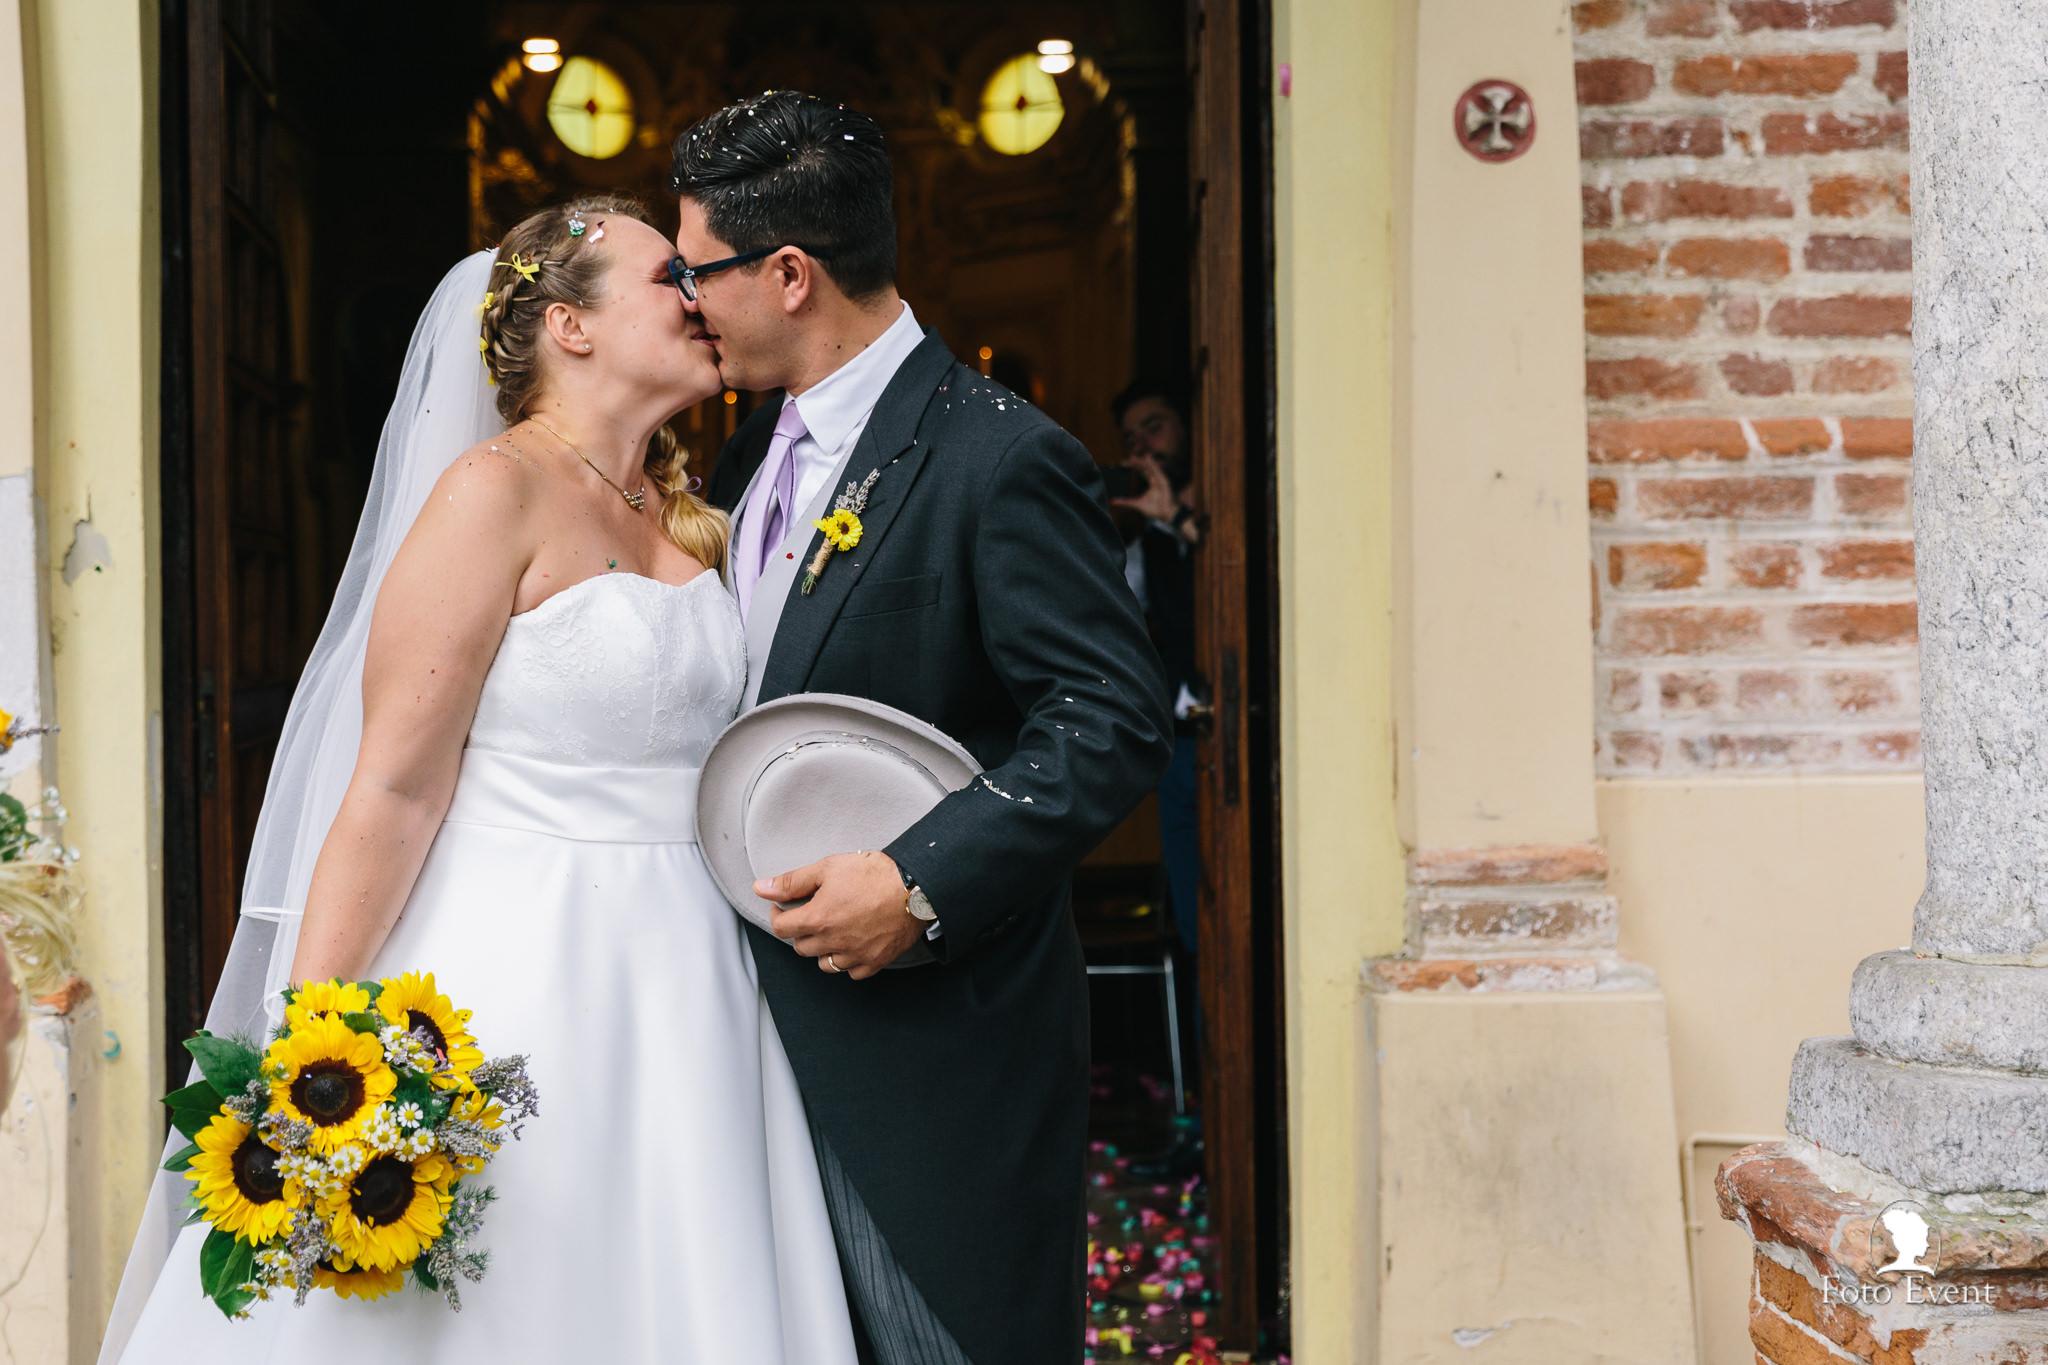 050-2019-07-27-Matrimonio-Valentina-e-Alessandro-Pettinari-5DE-962